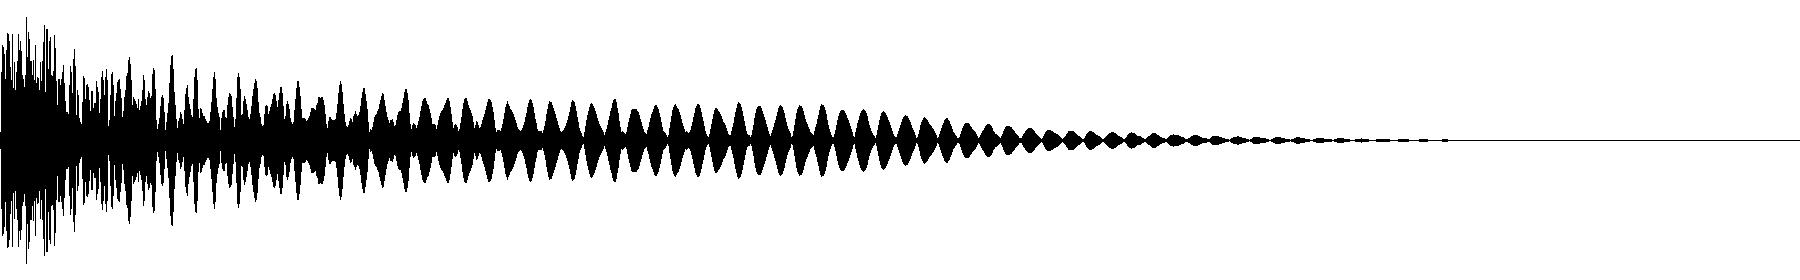 vedh synth cut 262 fm